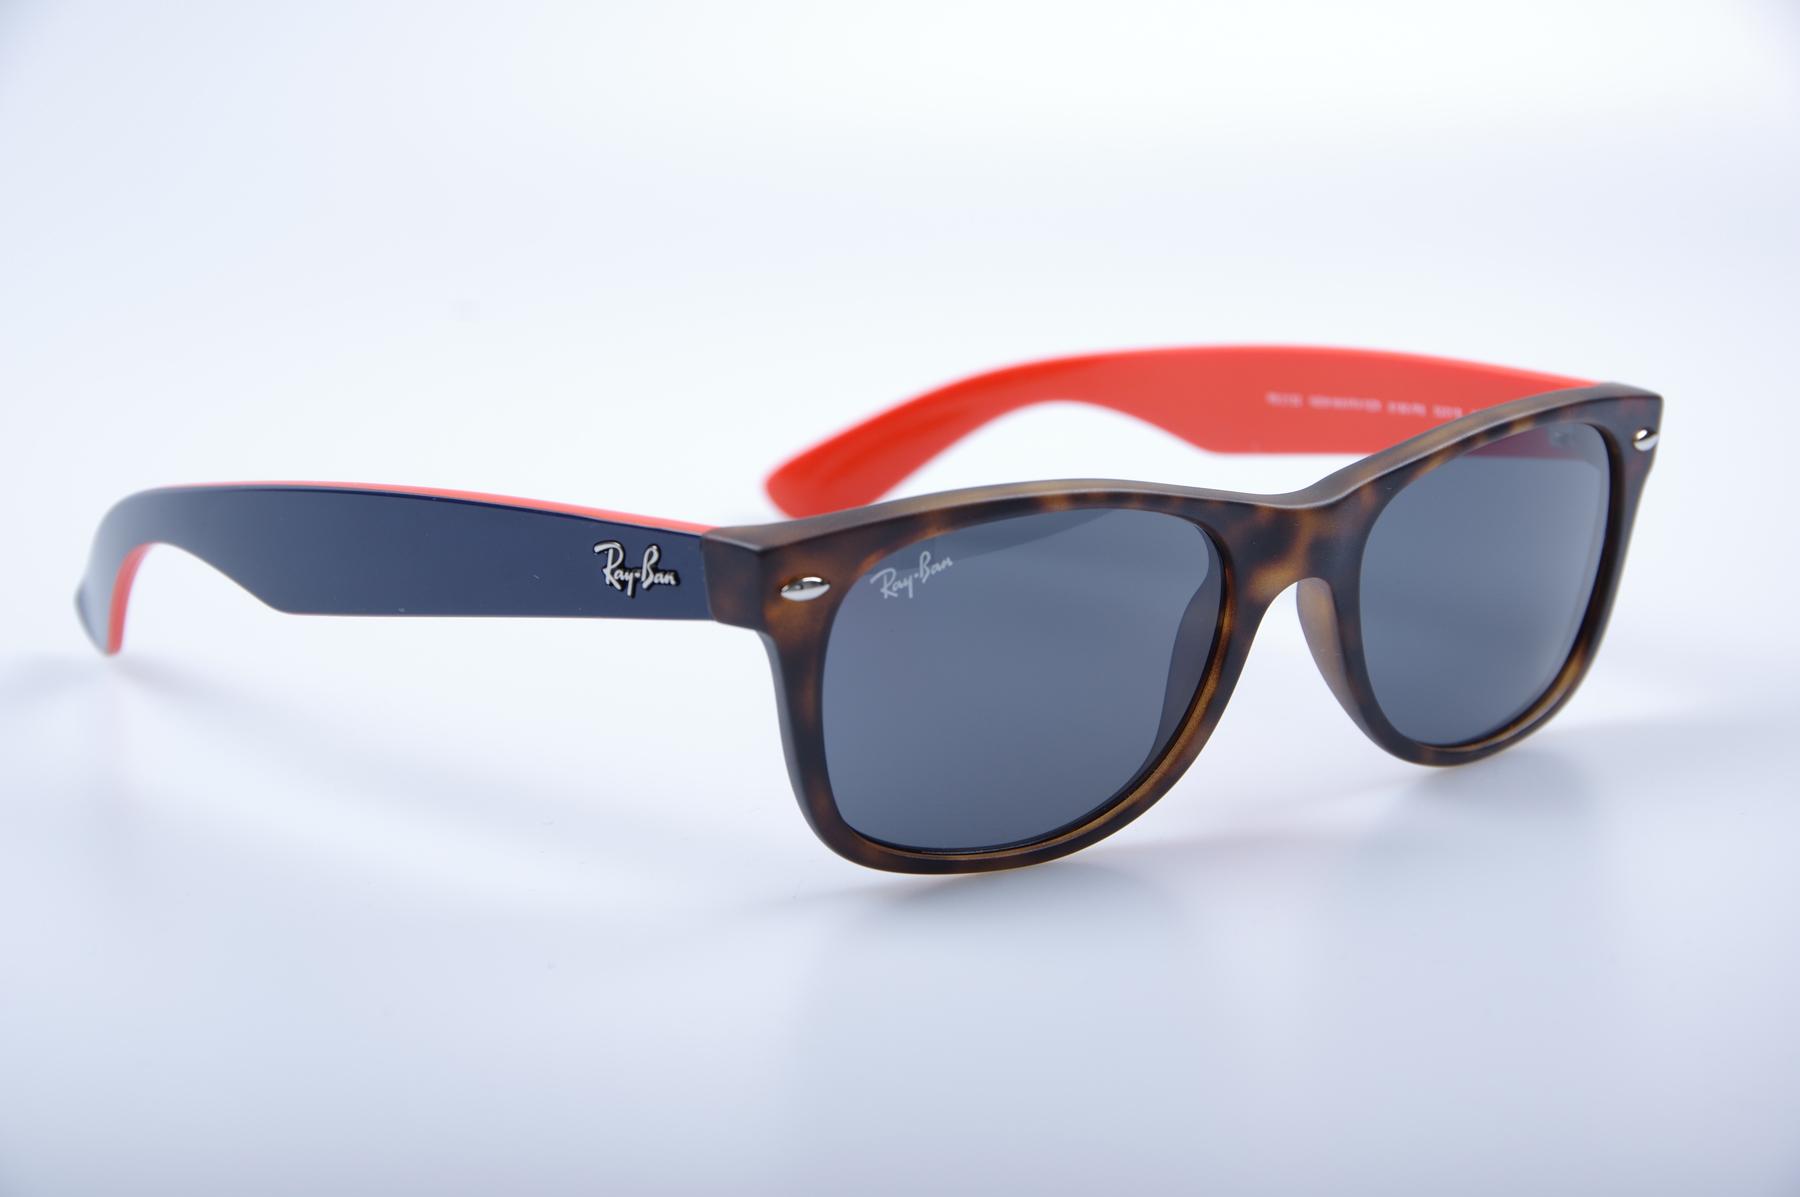 2dcb1d86db3982 Où trouver les lunettes de soleil RAY BAN New Wayfarer 2132 à proximité de  LE HAVRE Où acheter les RAY BAN Wayfarer 2132 proche Le Havre 76 ...